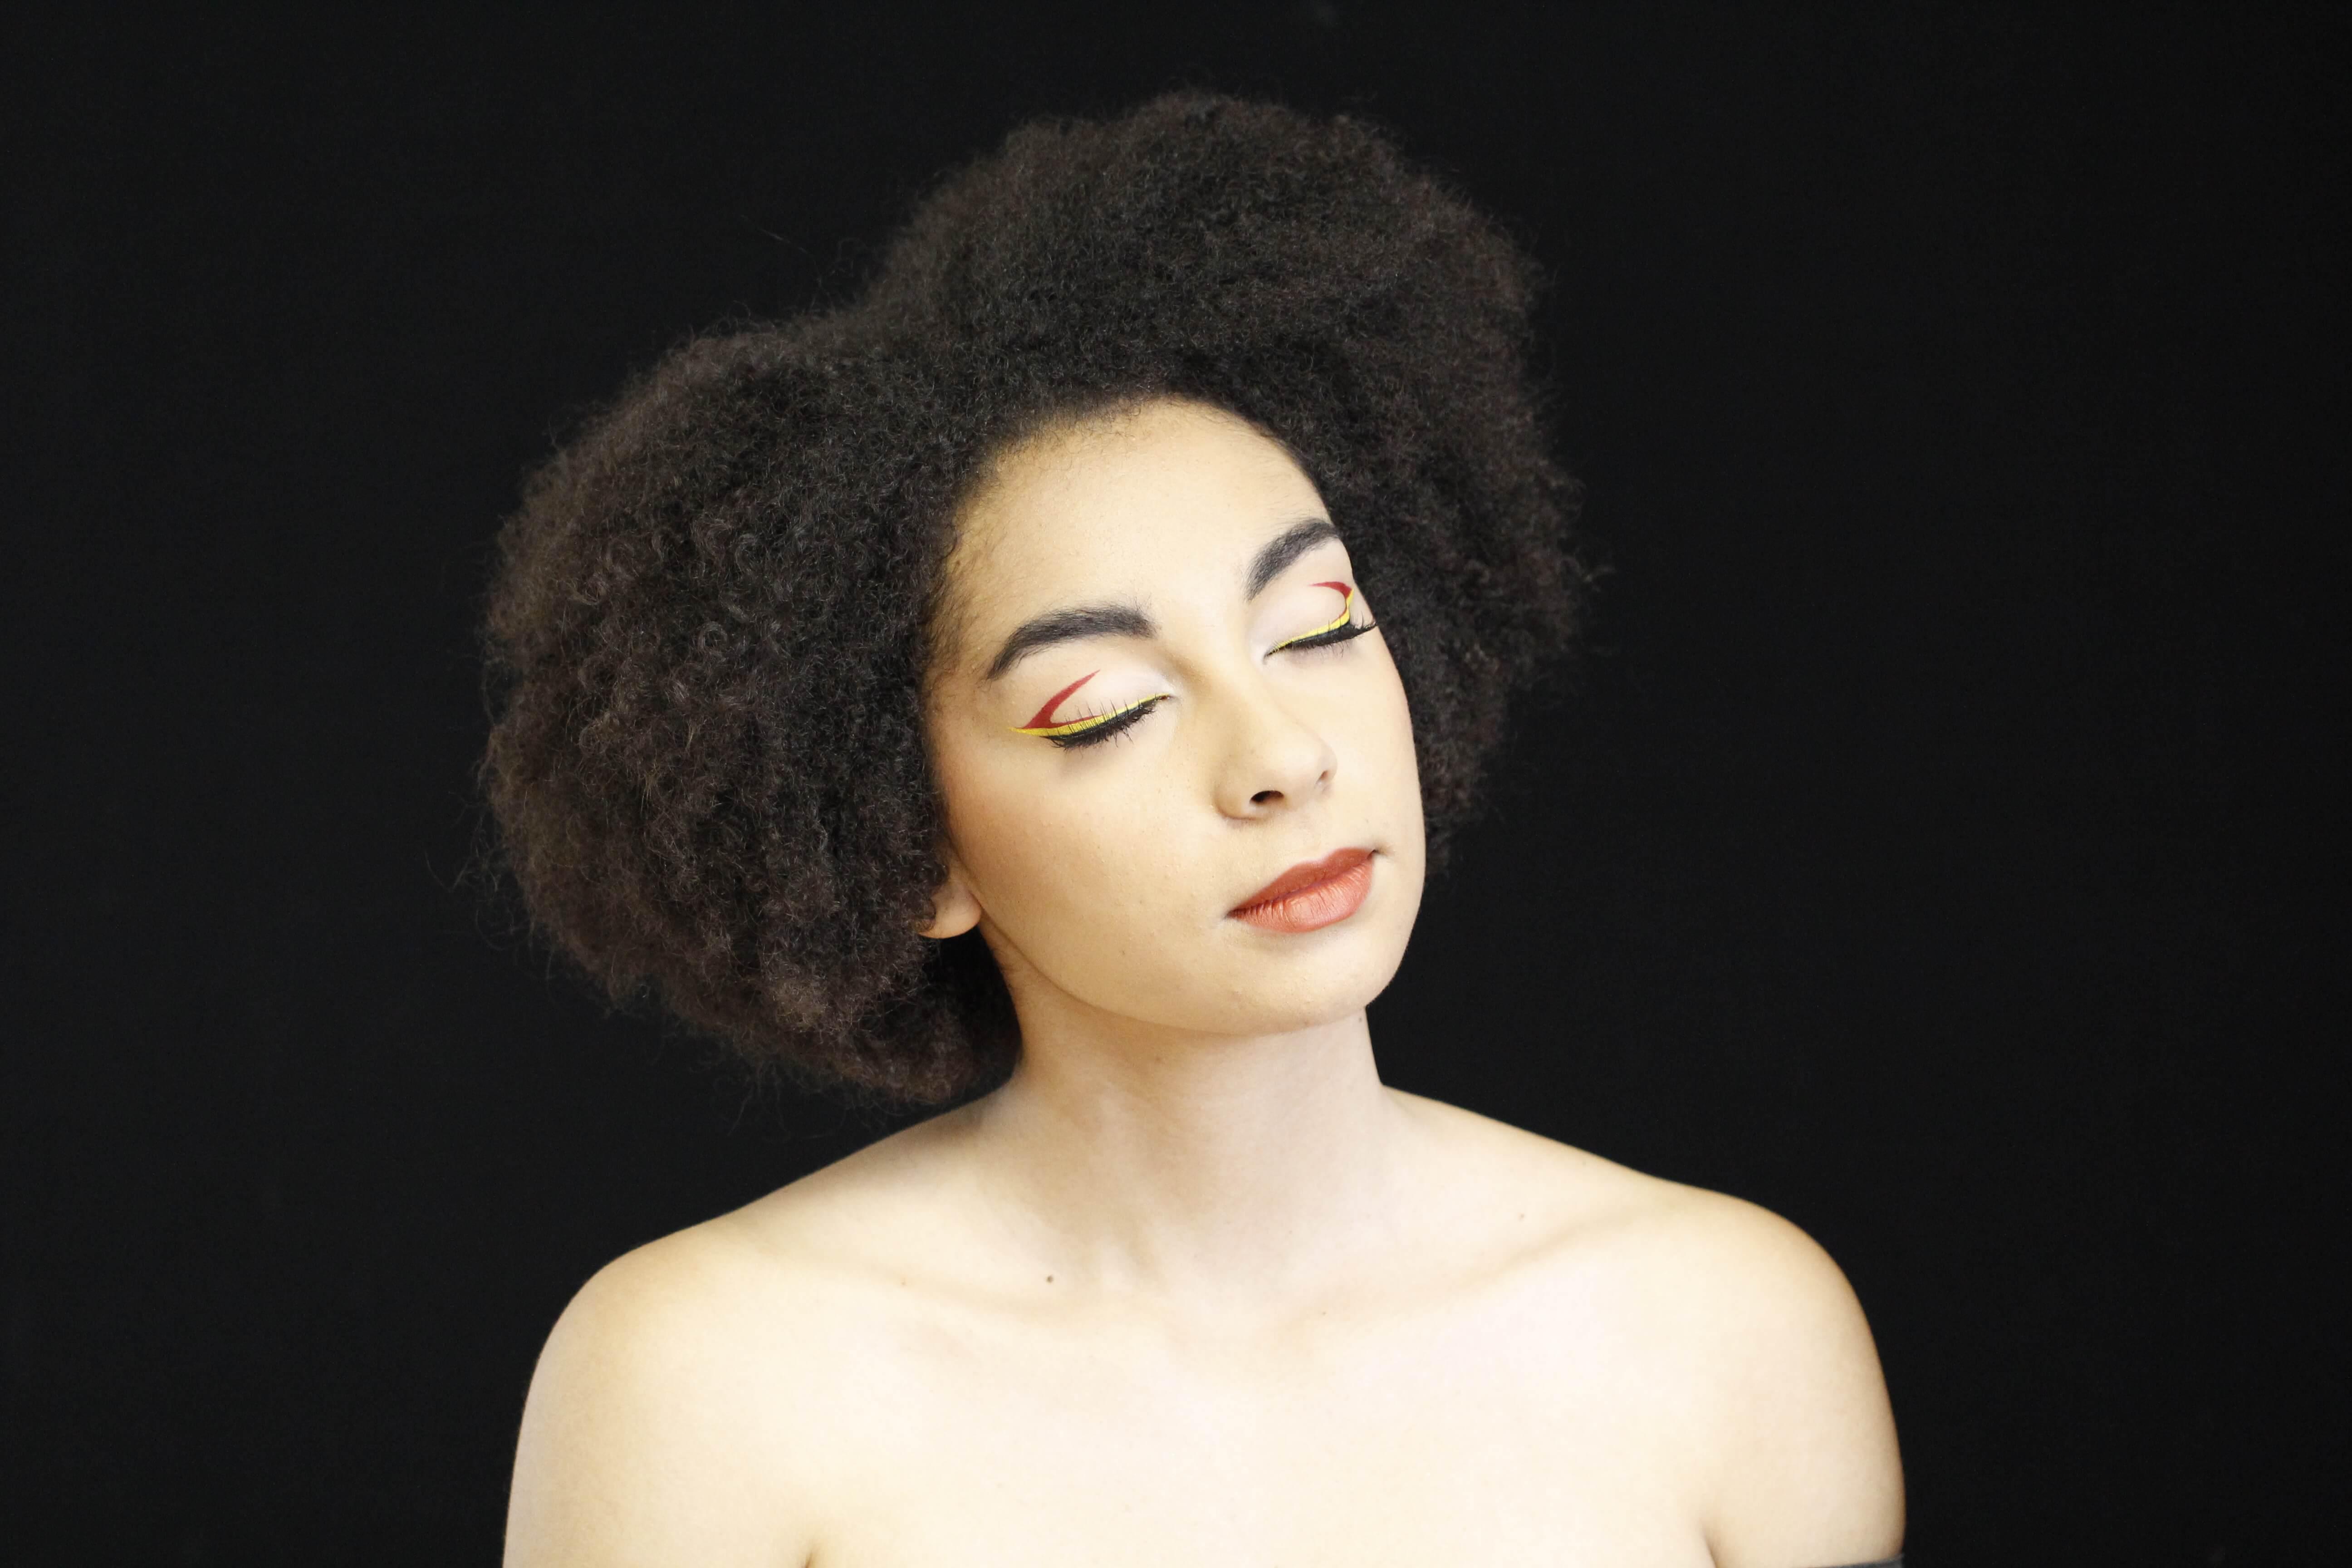 Maquillage beauté et Liner graphique noir jaune rouge